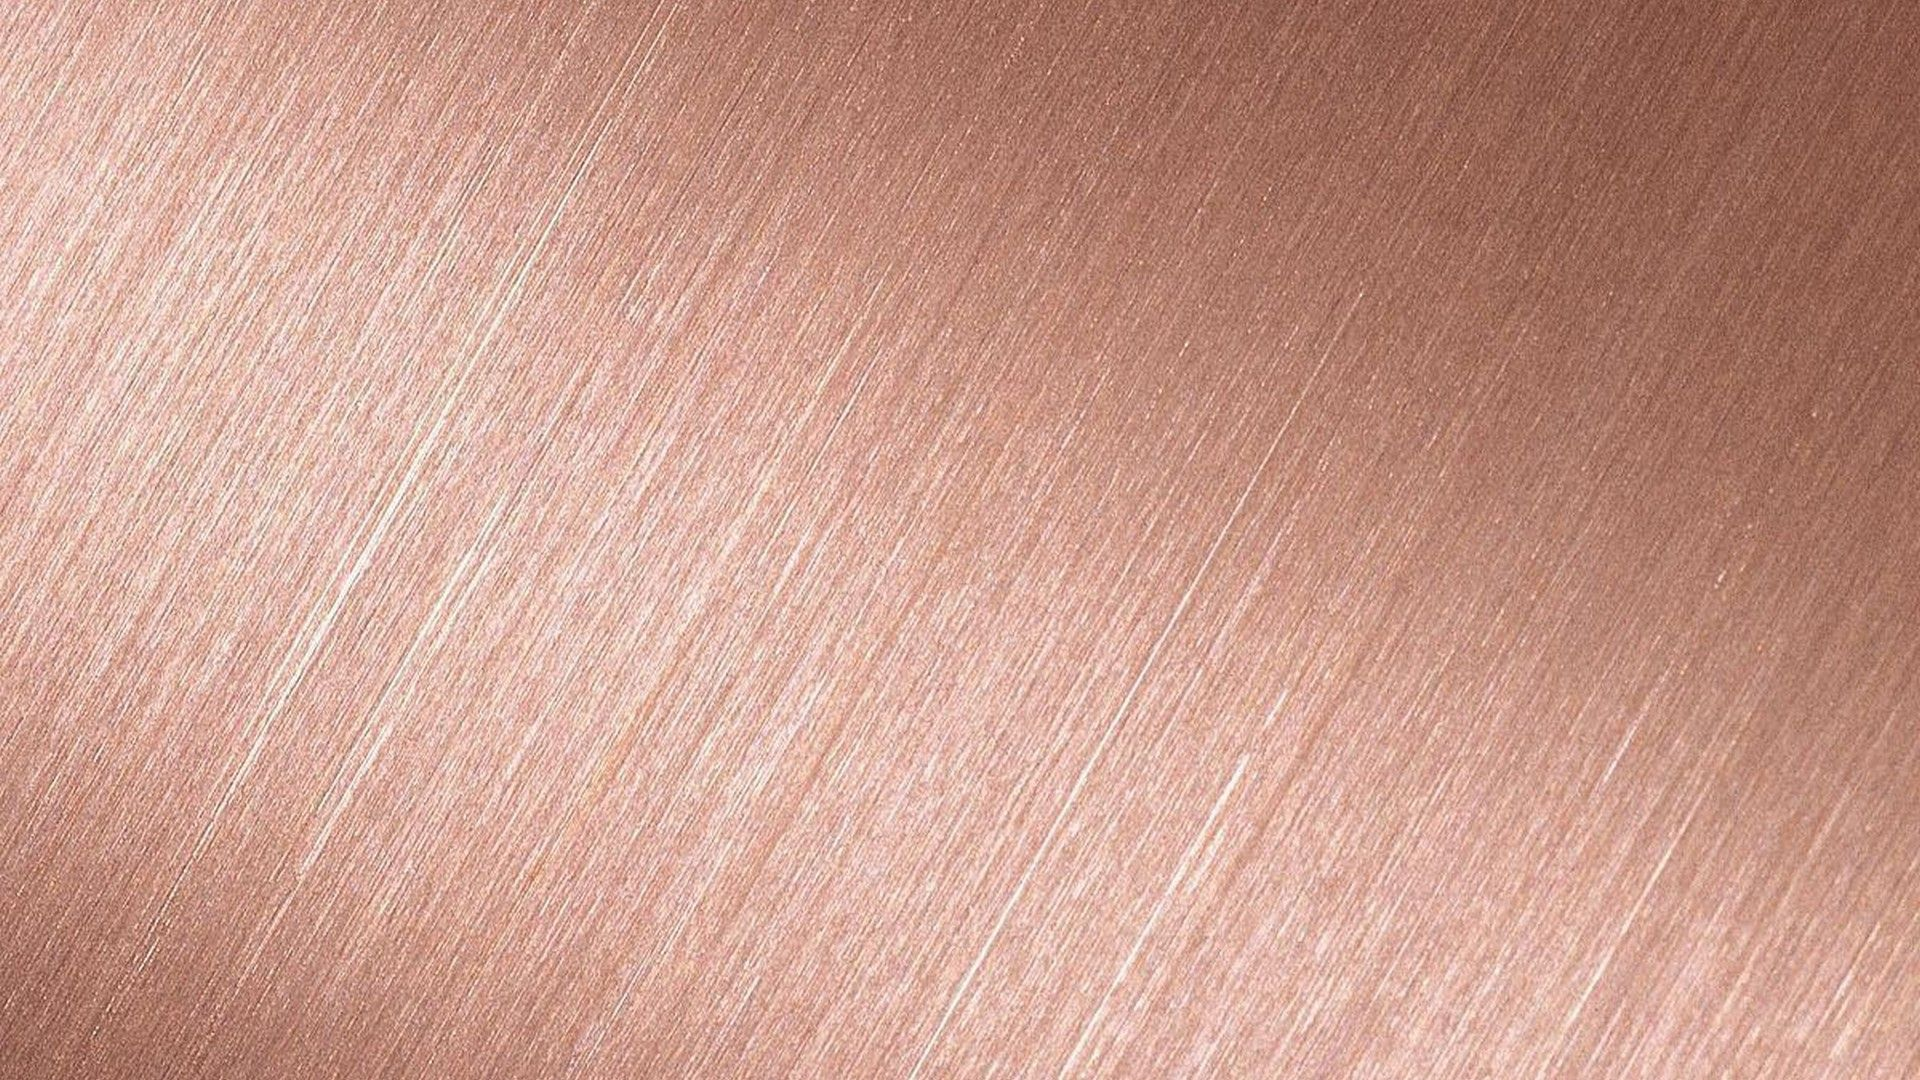 Wallpaper Rose Gold | Best HD Wallpapers | Wallpaperscute | Marble desktop wallpaper, Hd cool ...